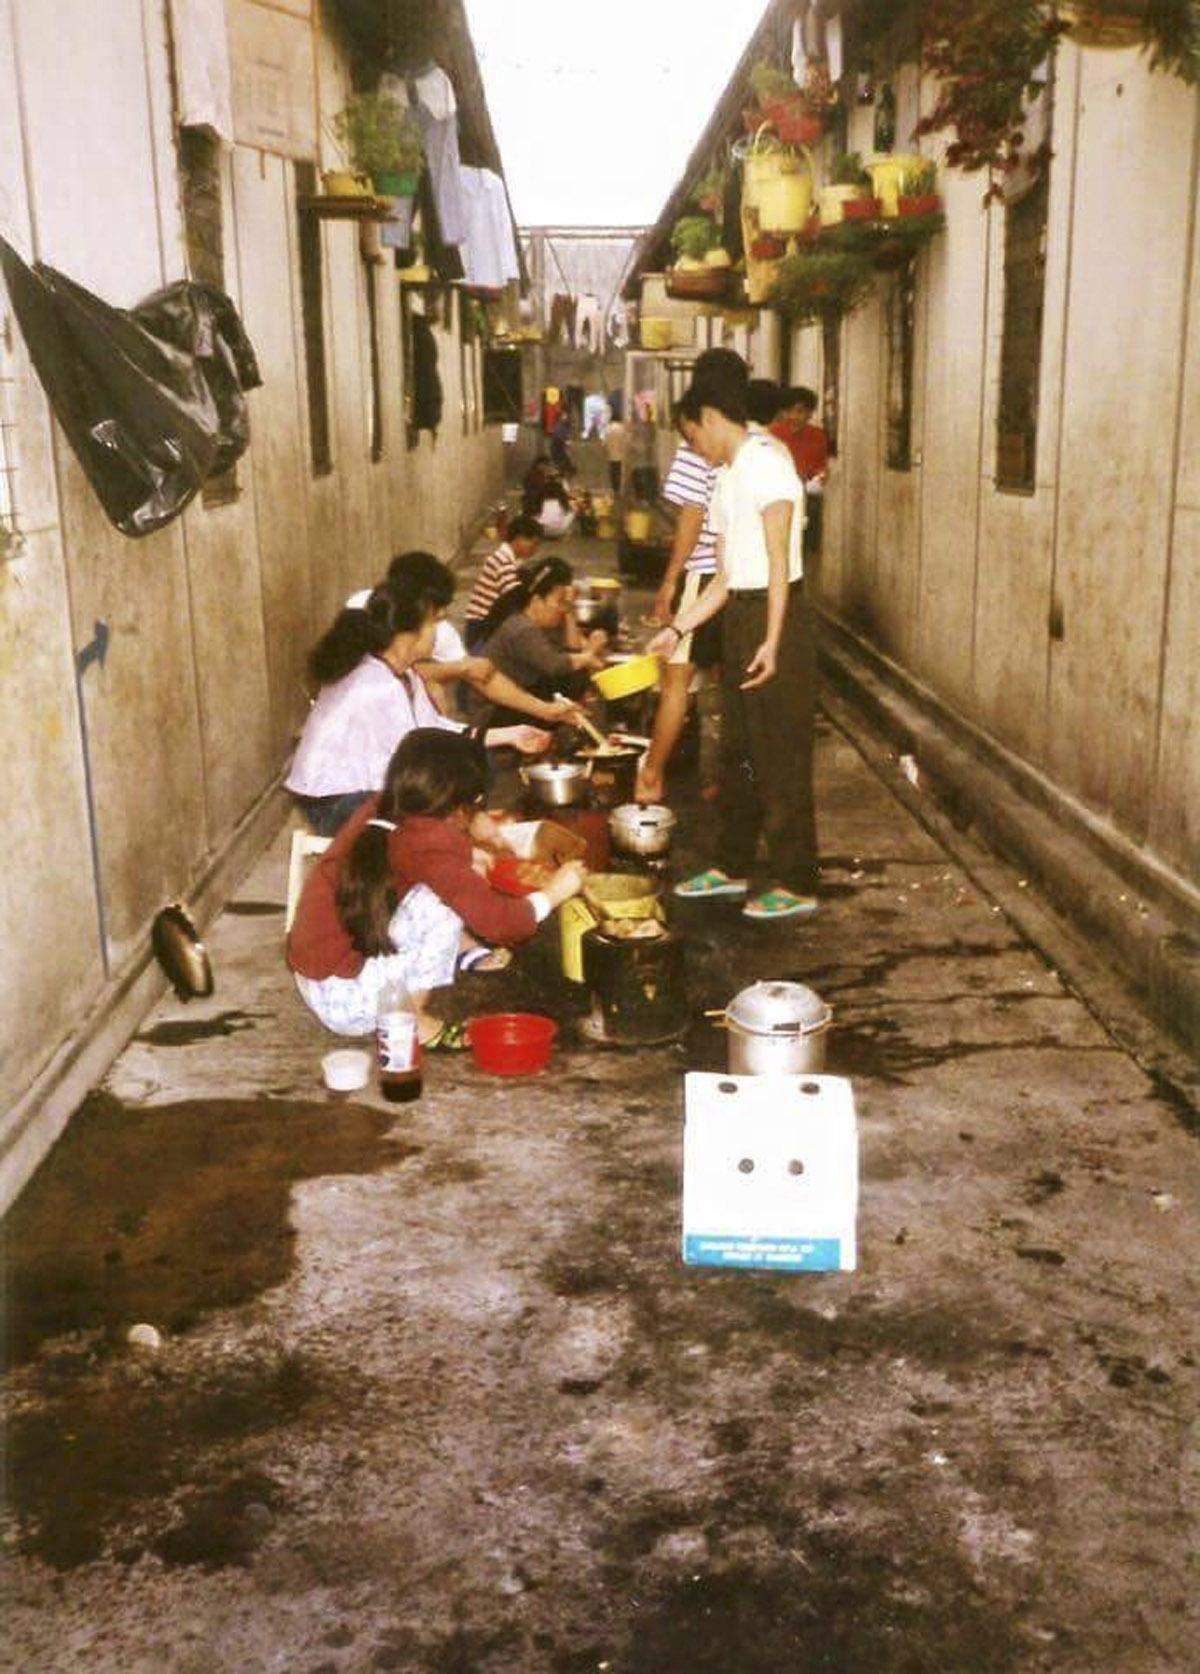 越南難民向本刊提供大鴉洲禁閉營內的生活景象,有越南華僑難民向記者透露,當時一把刀,一個爐,也要以物換物或用錢去購買。